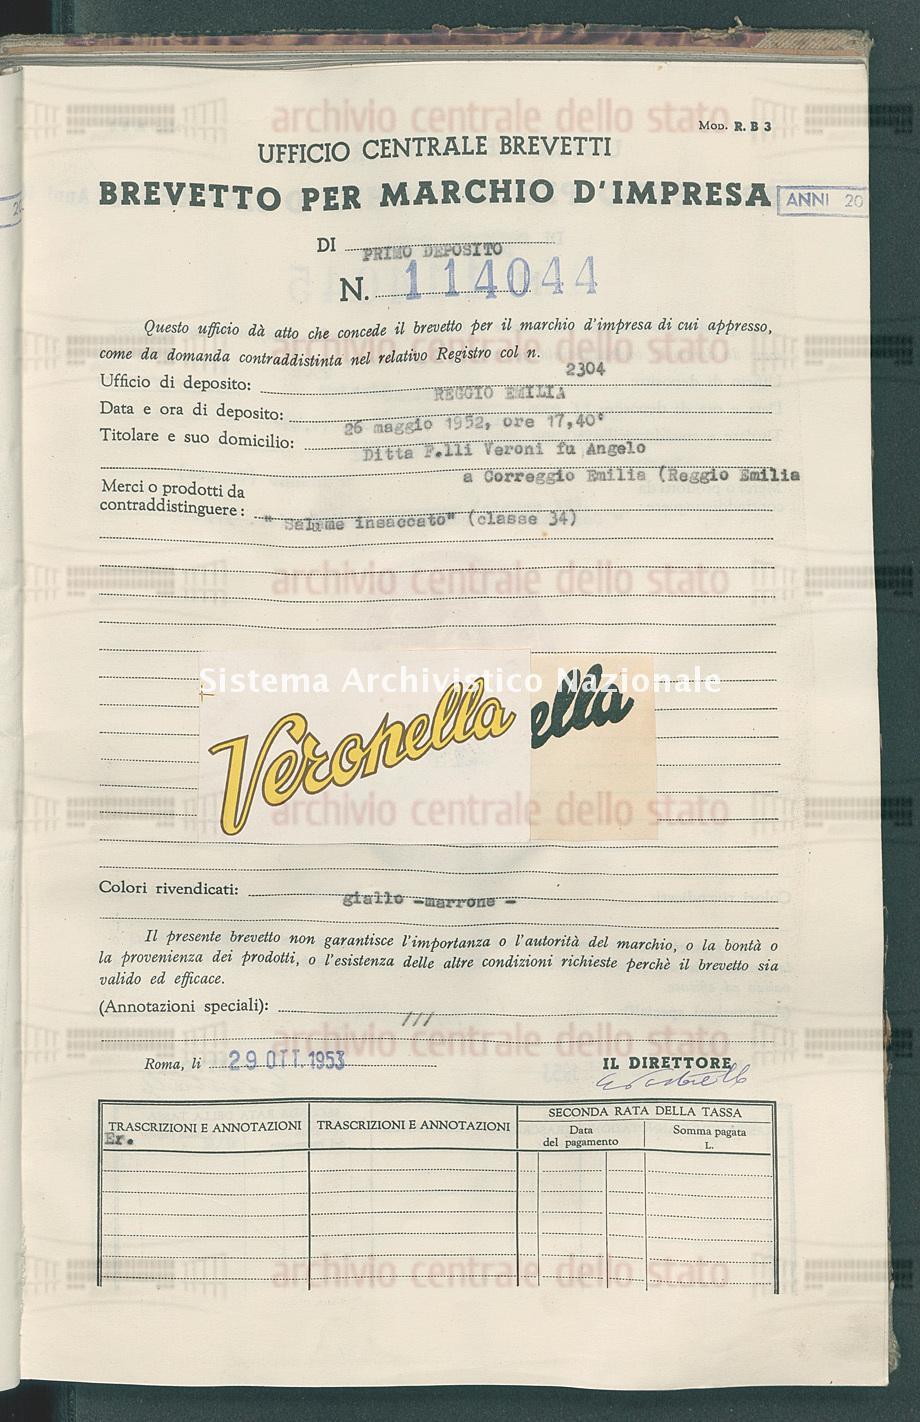 'Salame insaccato' Ditta F.Lli Veroni Fu Angelo (29/10/1953)